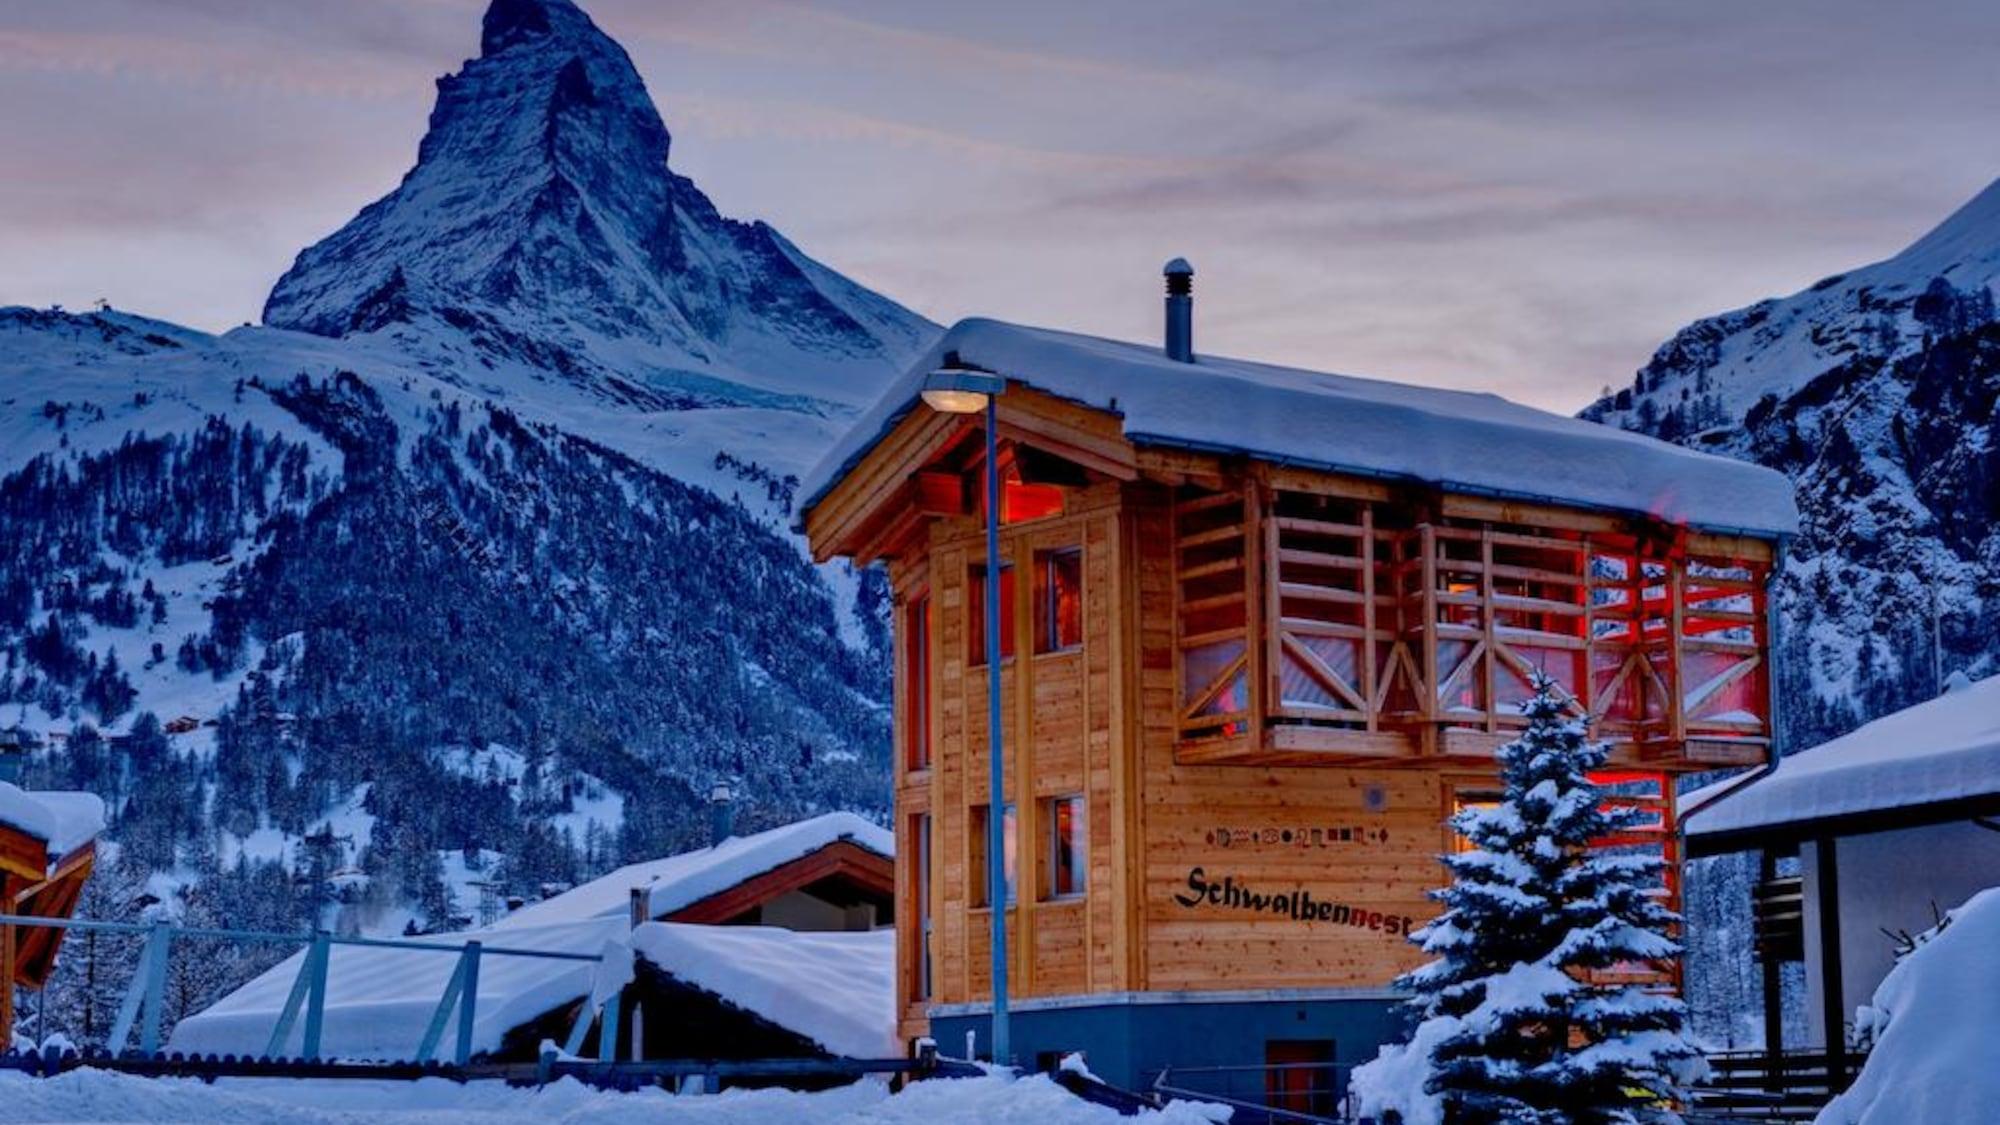 «Olga» vermietet auf Airbnb Ferienchalet in Zermatt VS – dabei gehört es ihr gar nicht: Das ist ja der Gipfel!